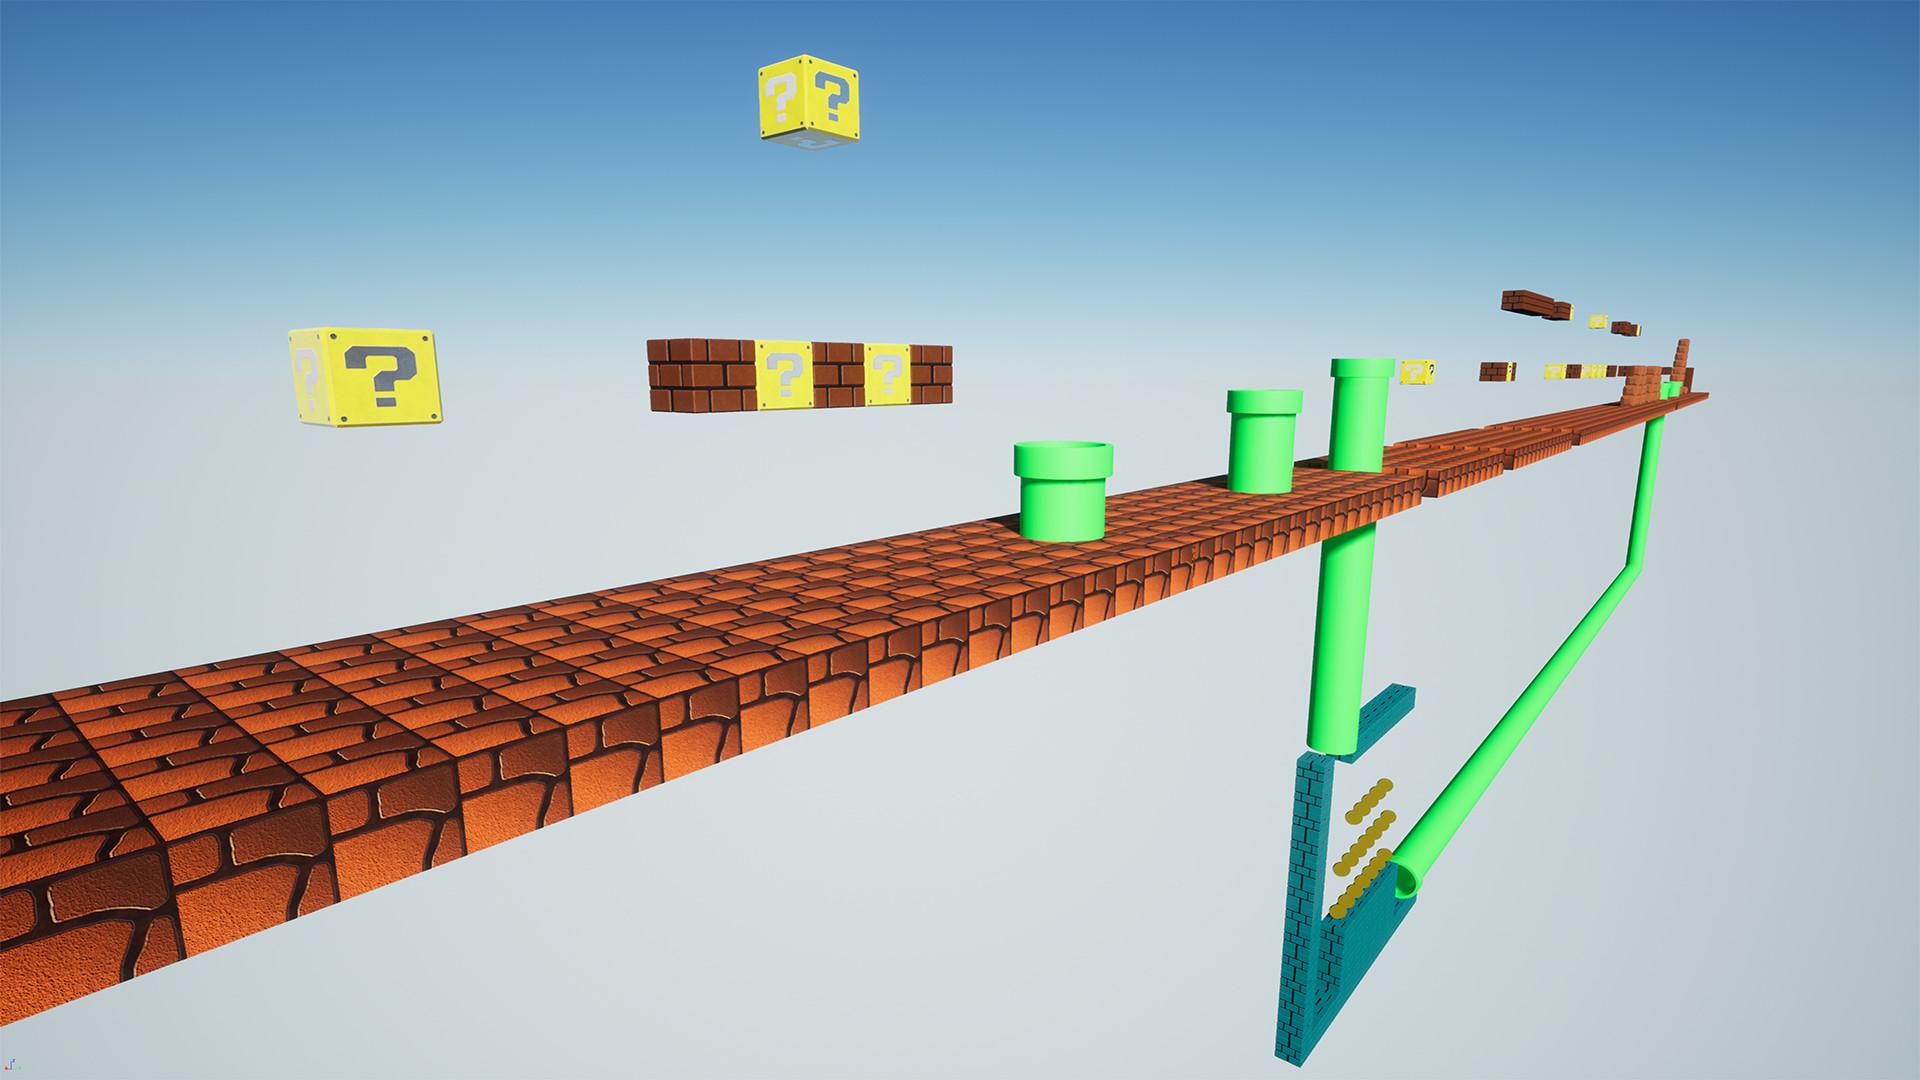 ArtStation - Super Mario VR - Fan Game, Enrico Figlia